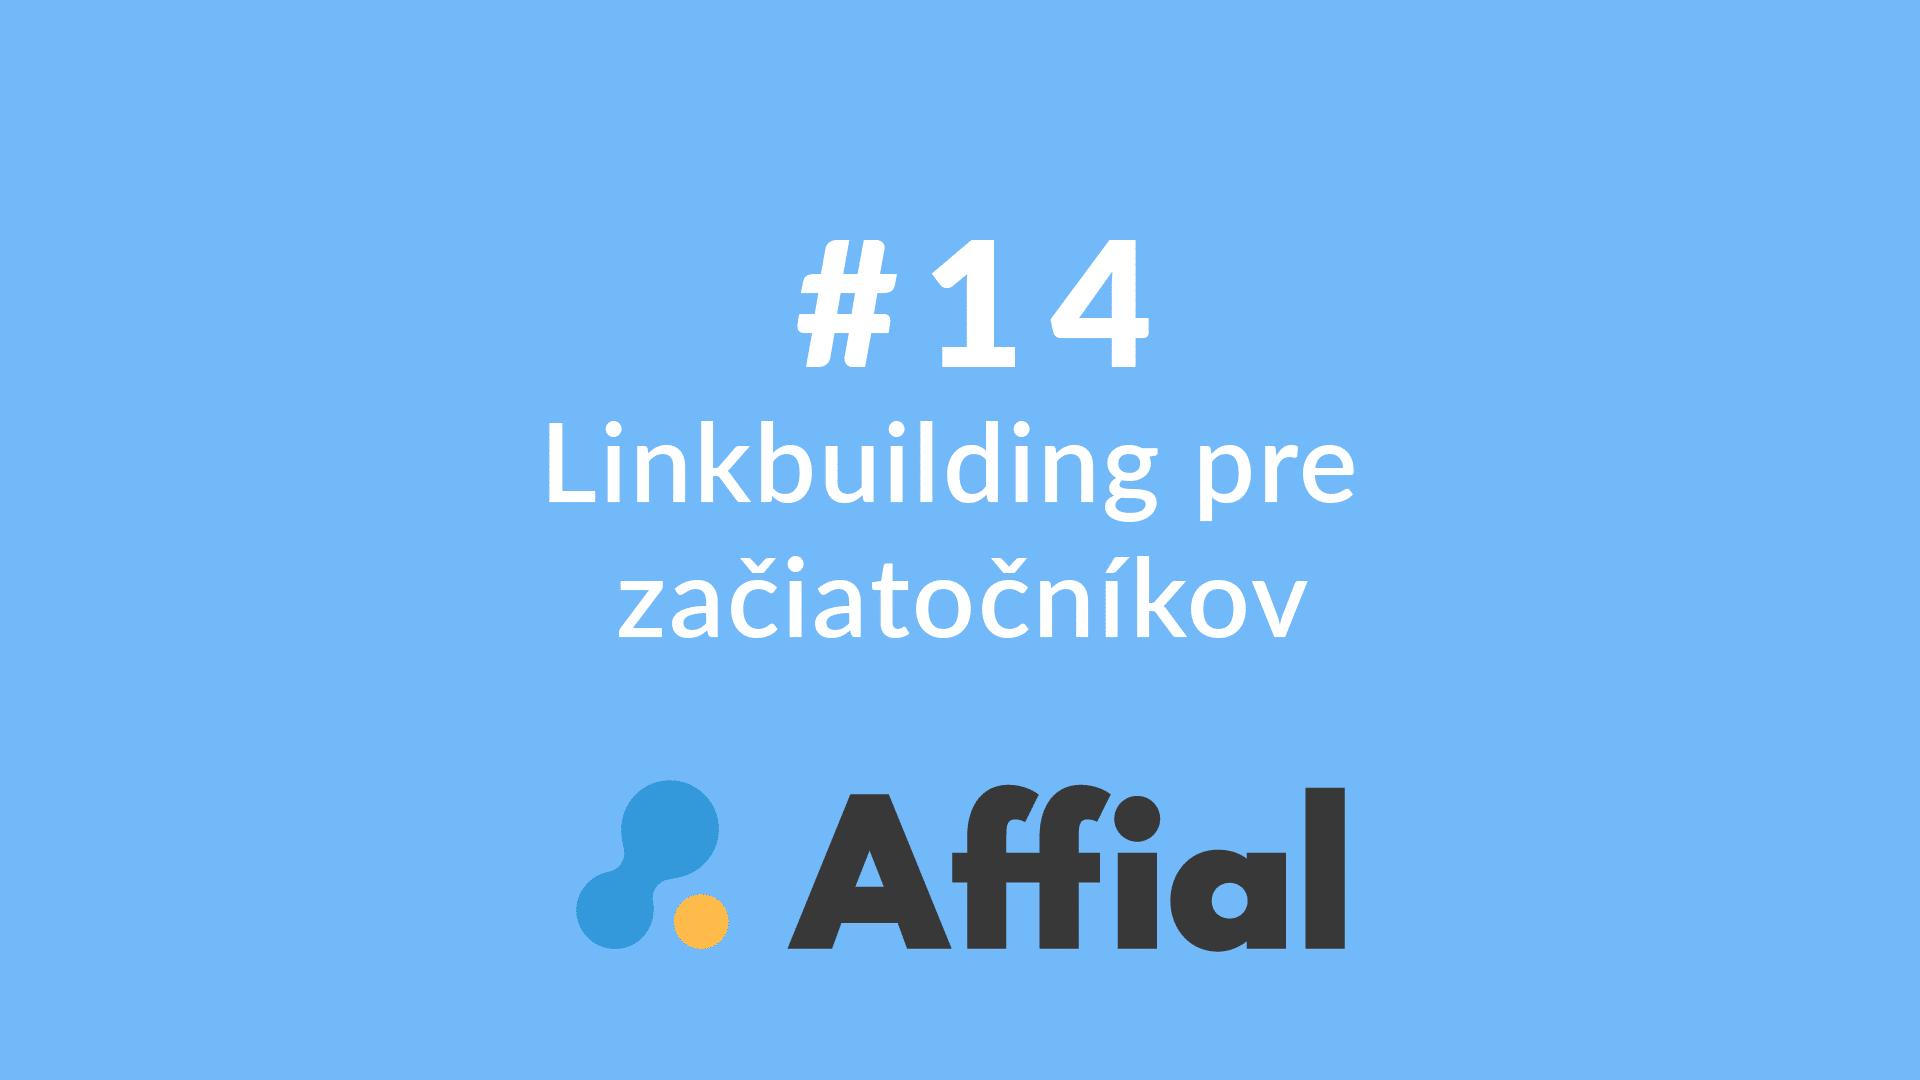 Affial Univerzita 14 - Linkbuilding